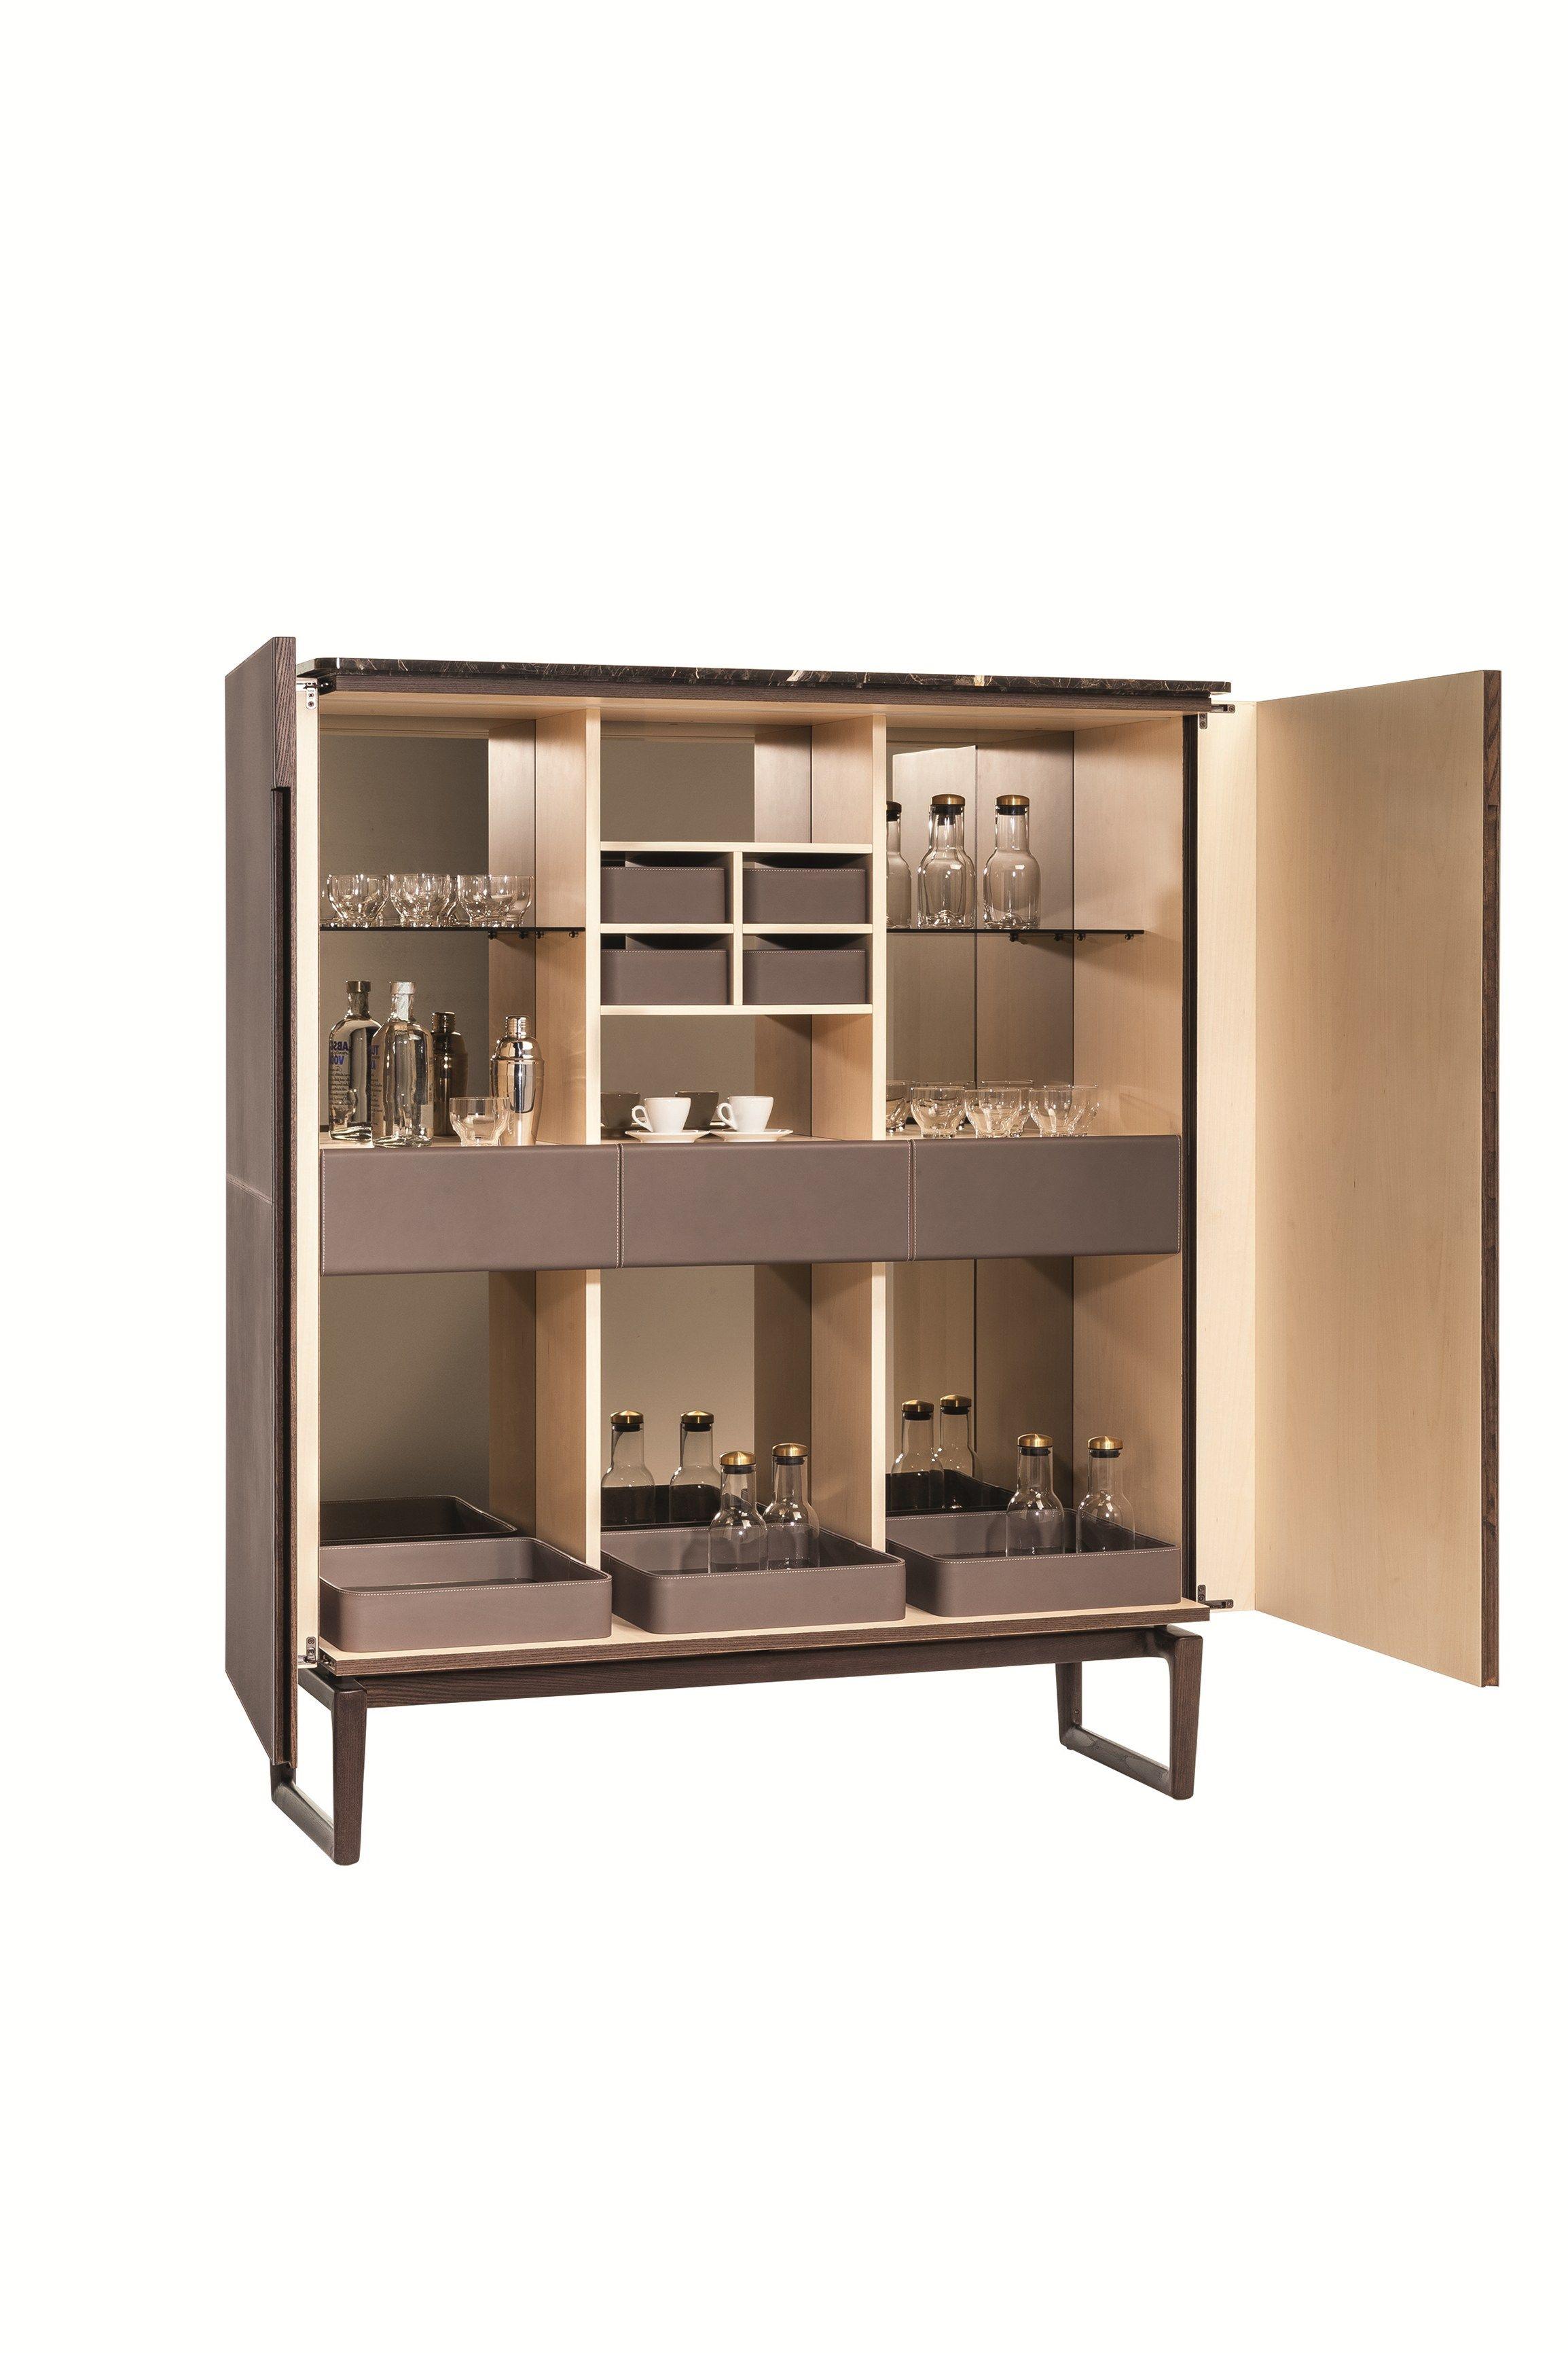 Fidelio highboard by poltrona frau design roberto lazzeroni - Poltrona design low cost ...